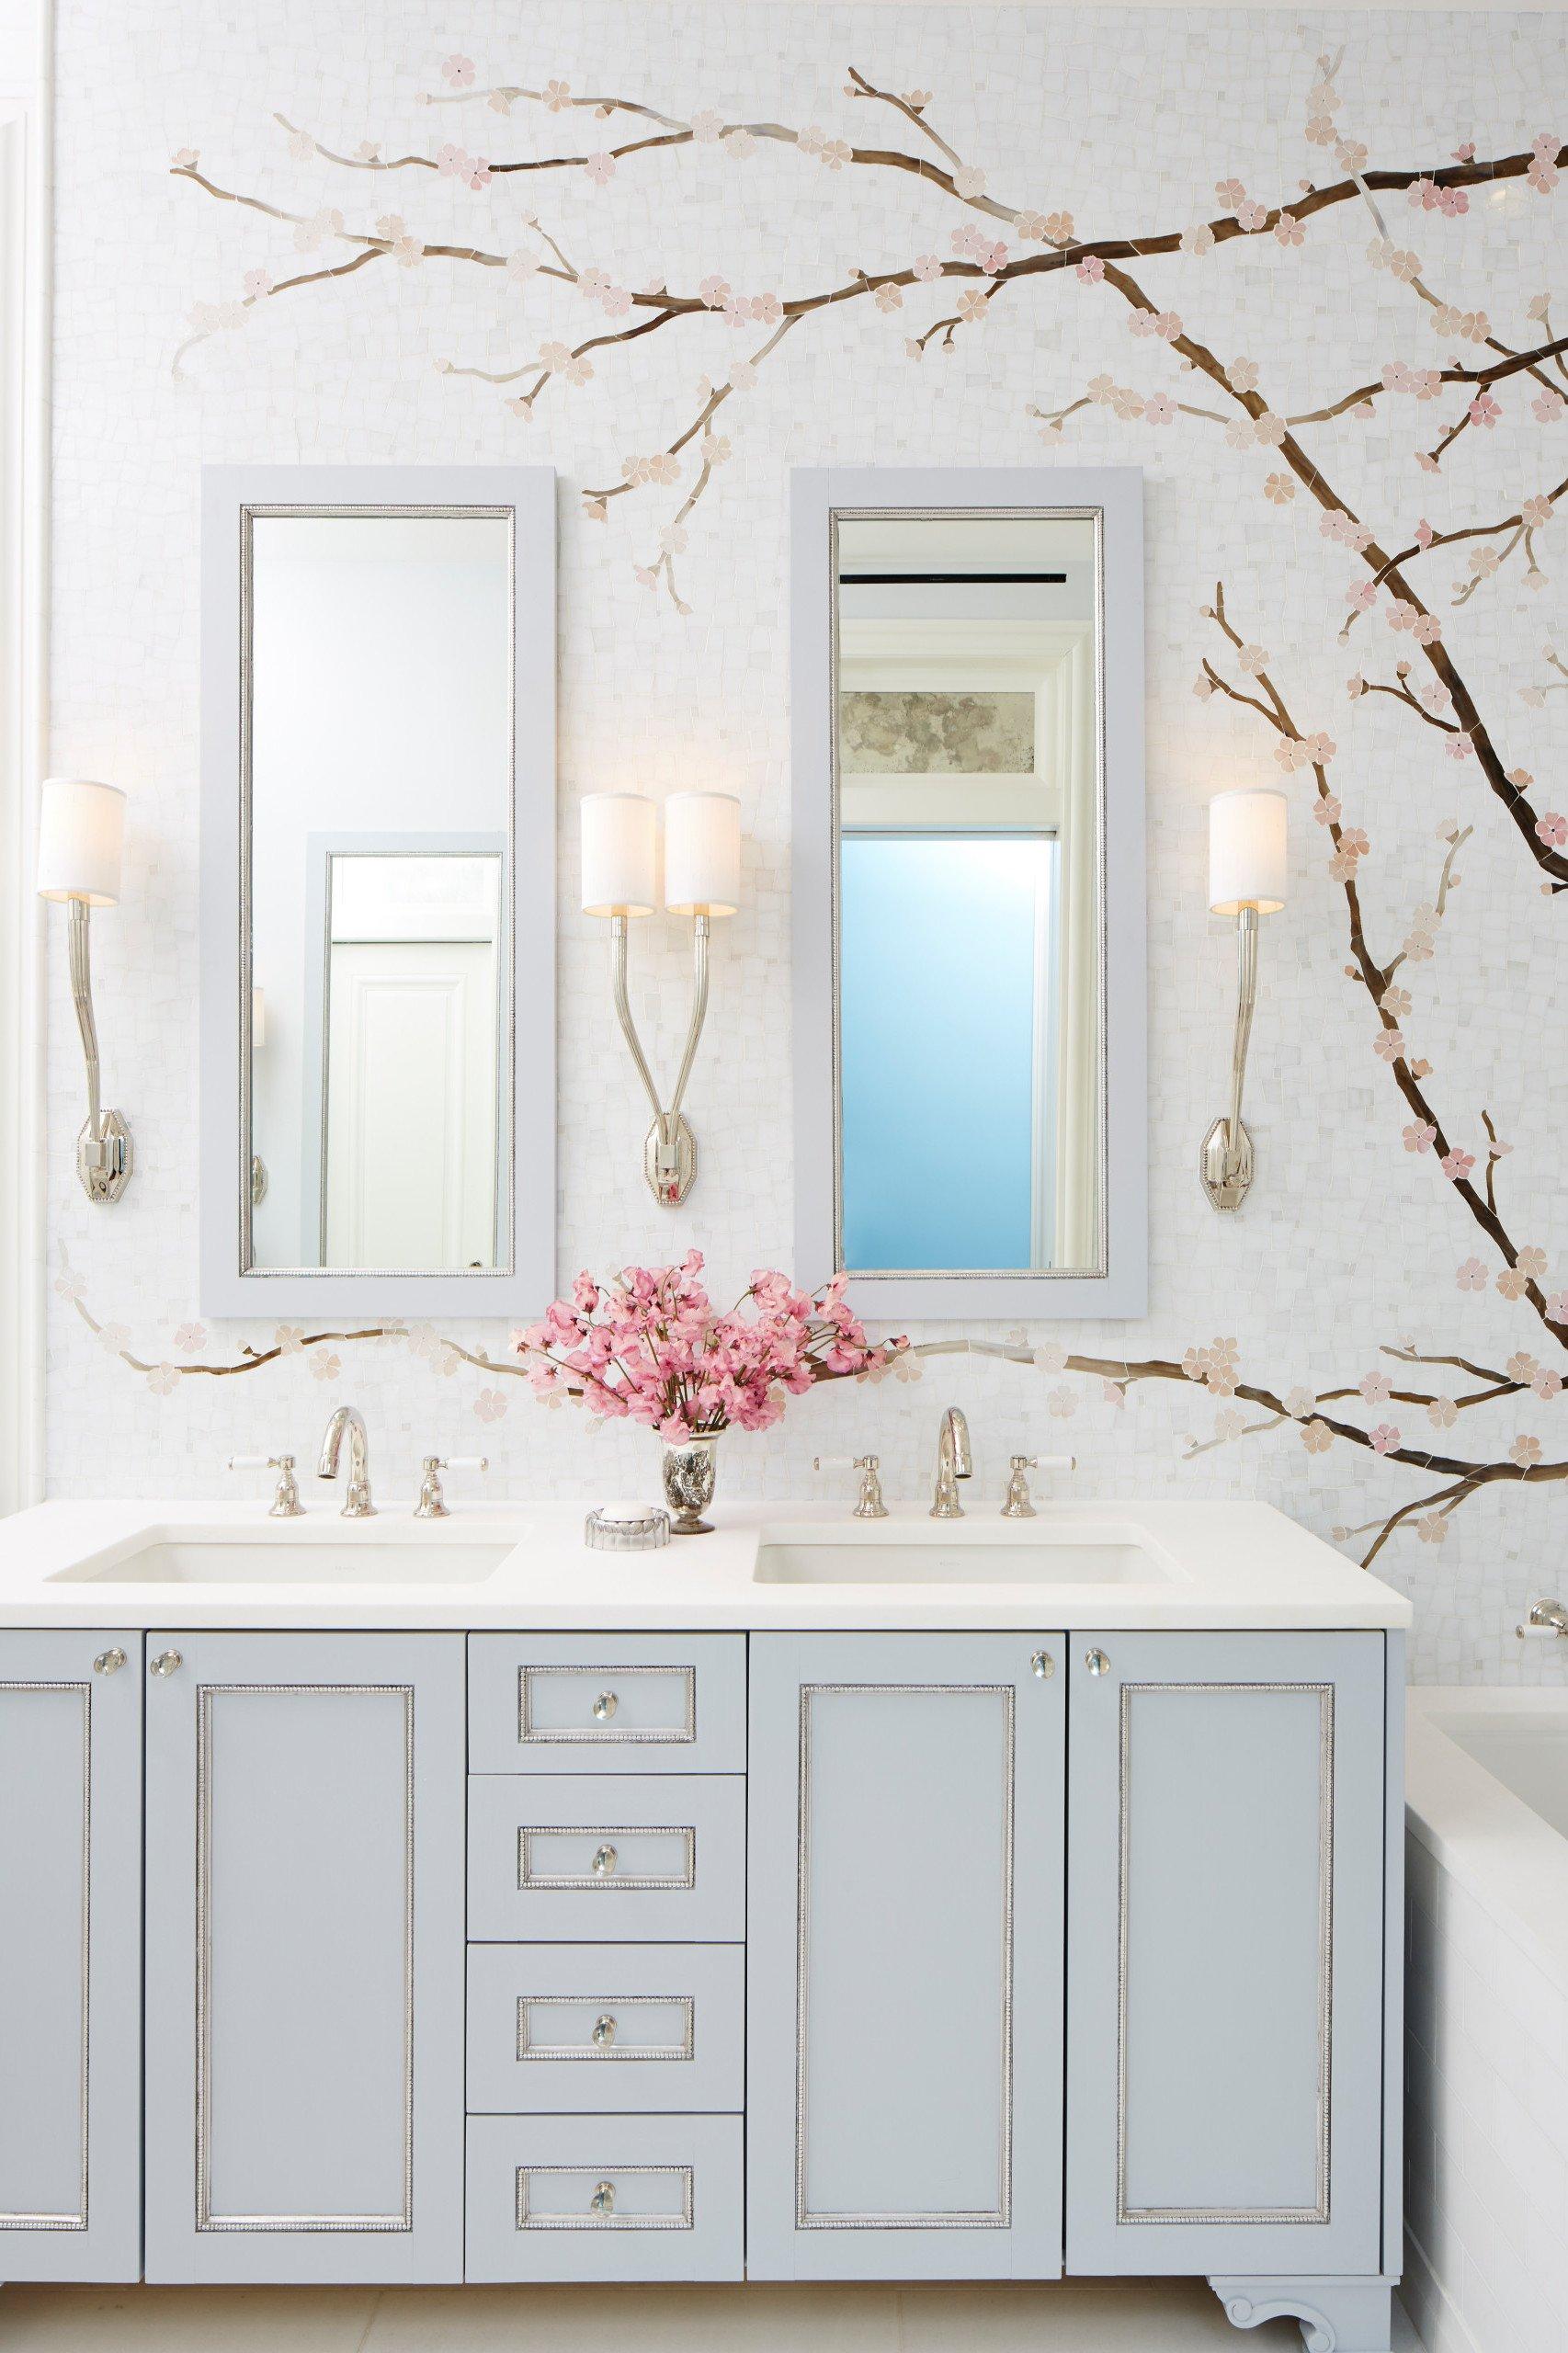 Bad renovieren mit Badezimmertapetten